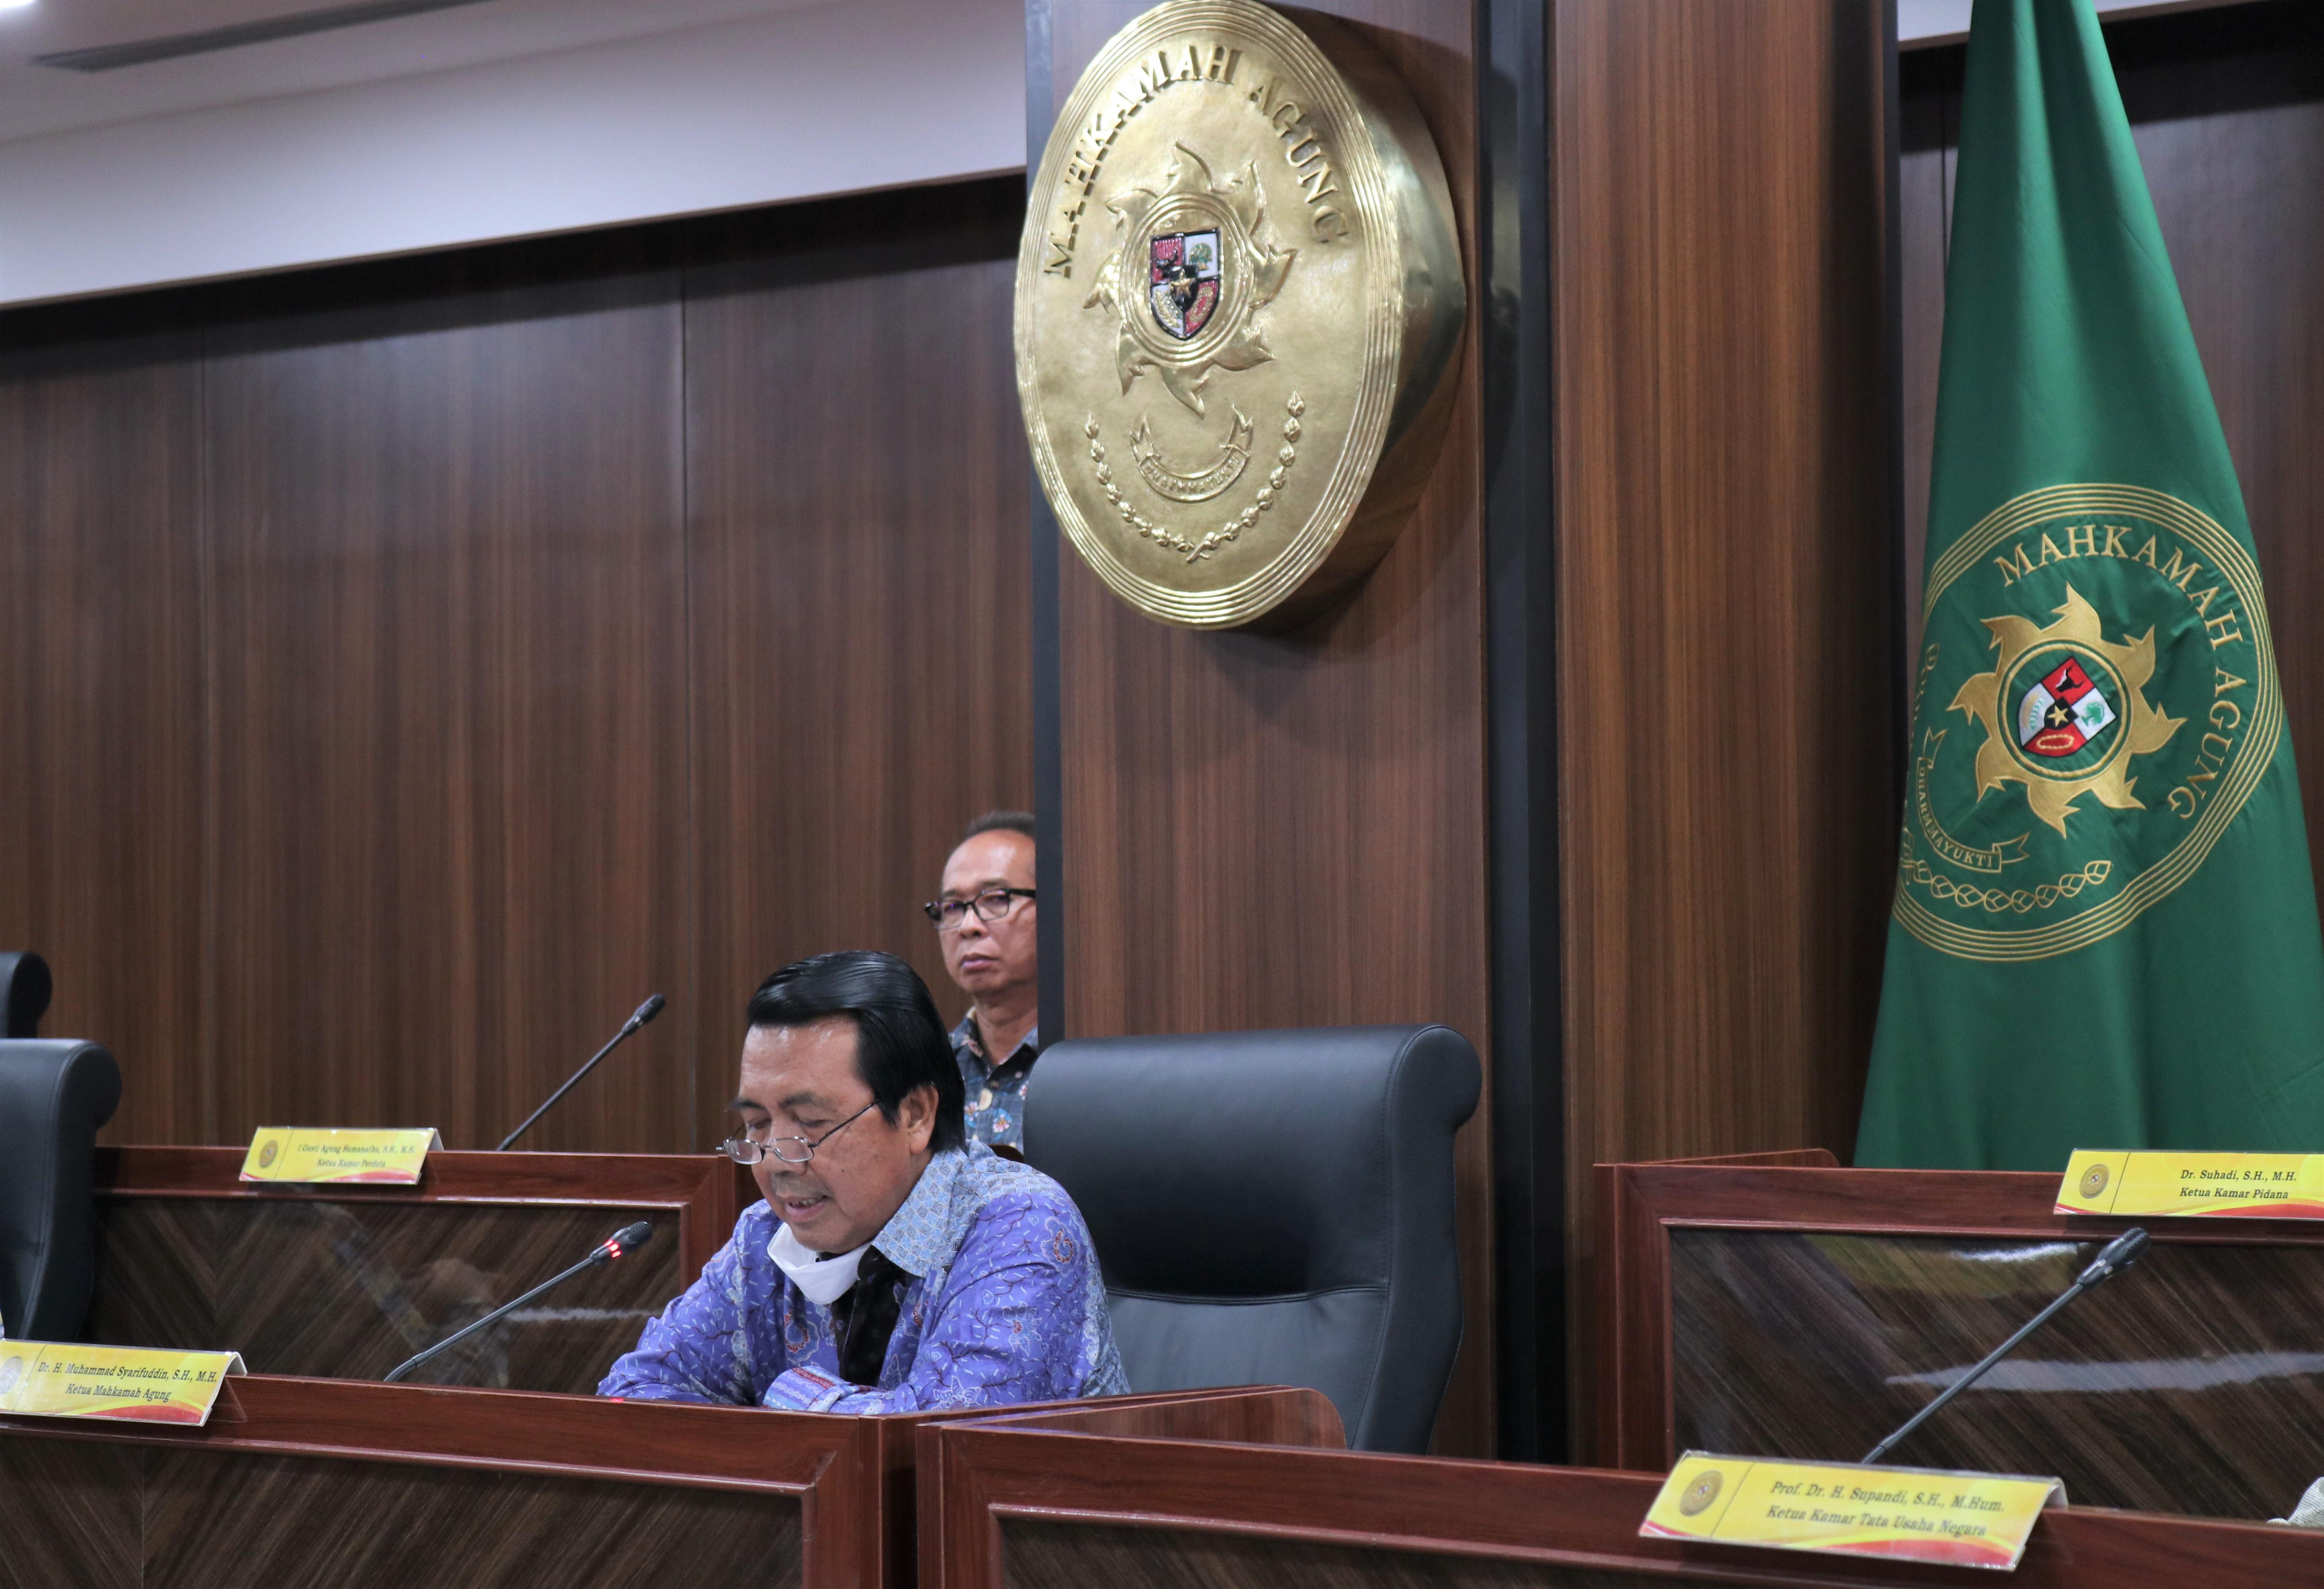 Sampaikan Pidato Perdana, Dr. Syarifuddin Ajak Masyarakat Untuk Sama-Sama Memajukan Dunia Peradilan